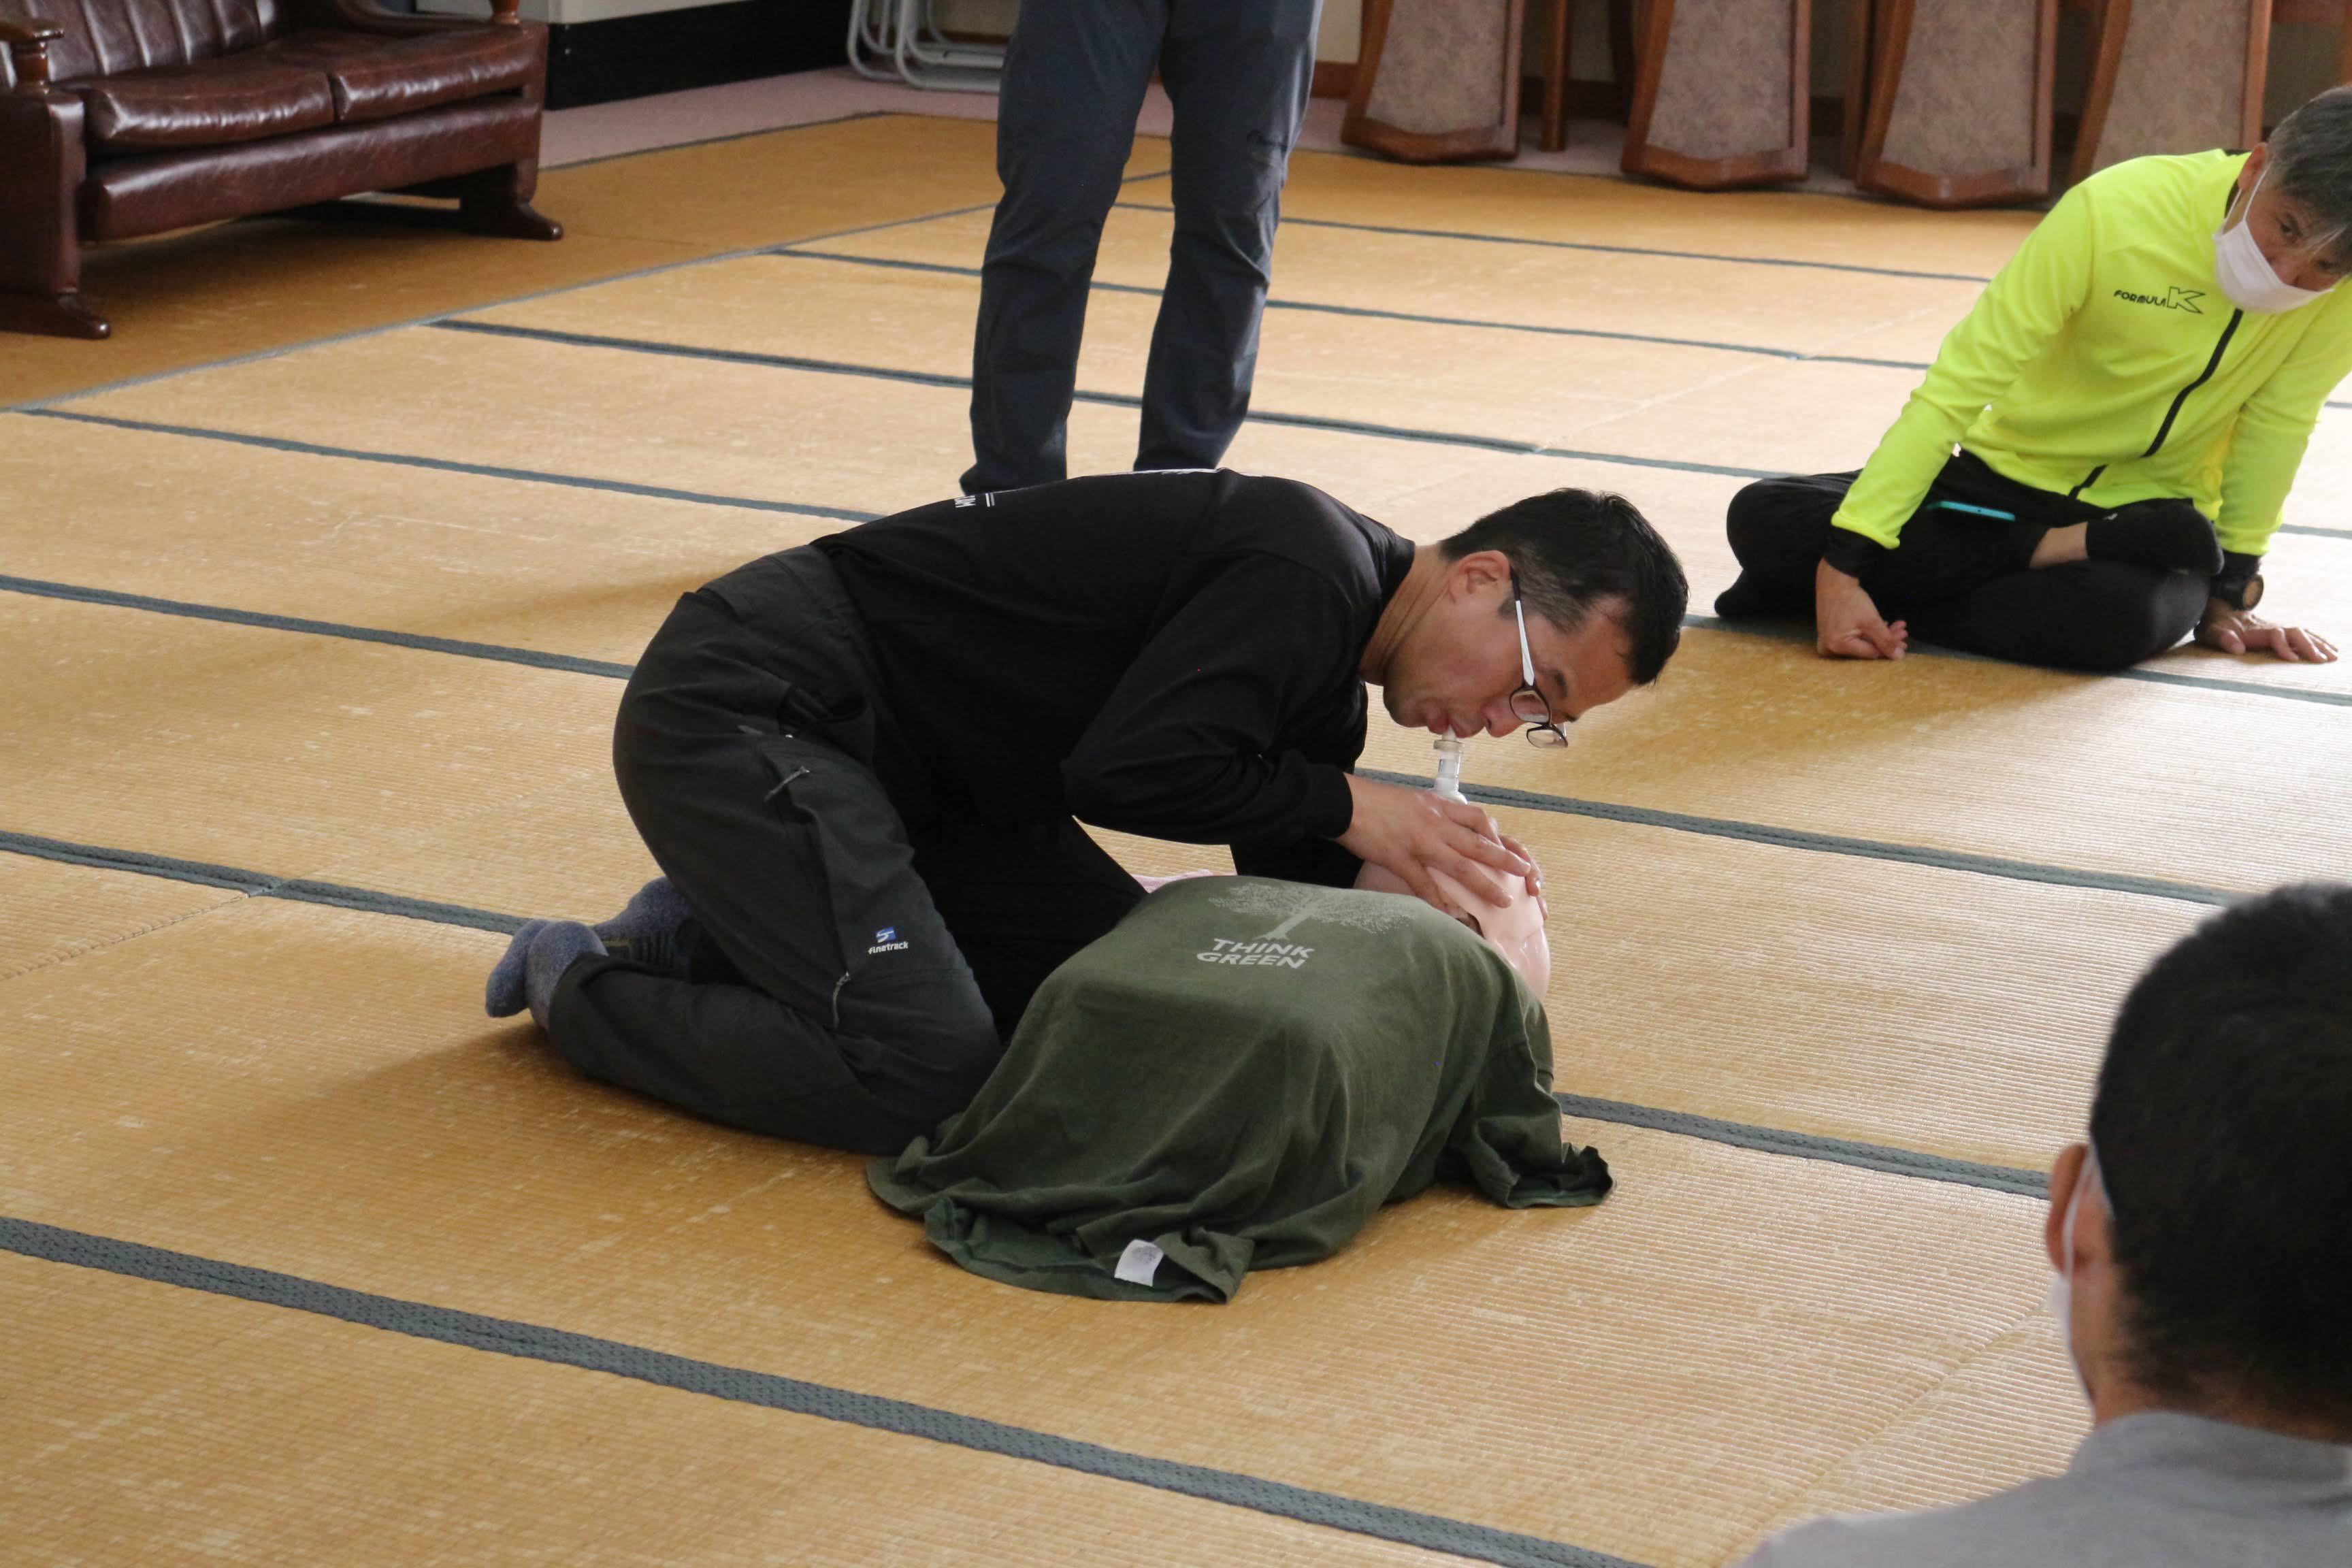 ファーストエイド講習(応急手当講習) in 熊本_e0231387_21185144.jpg